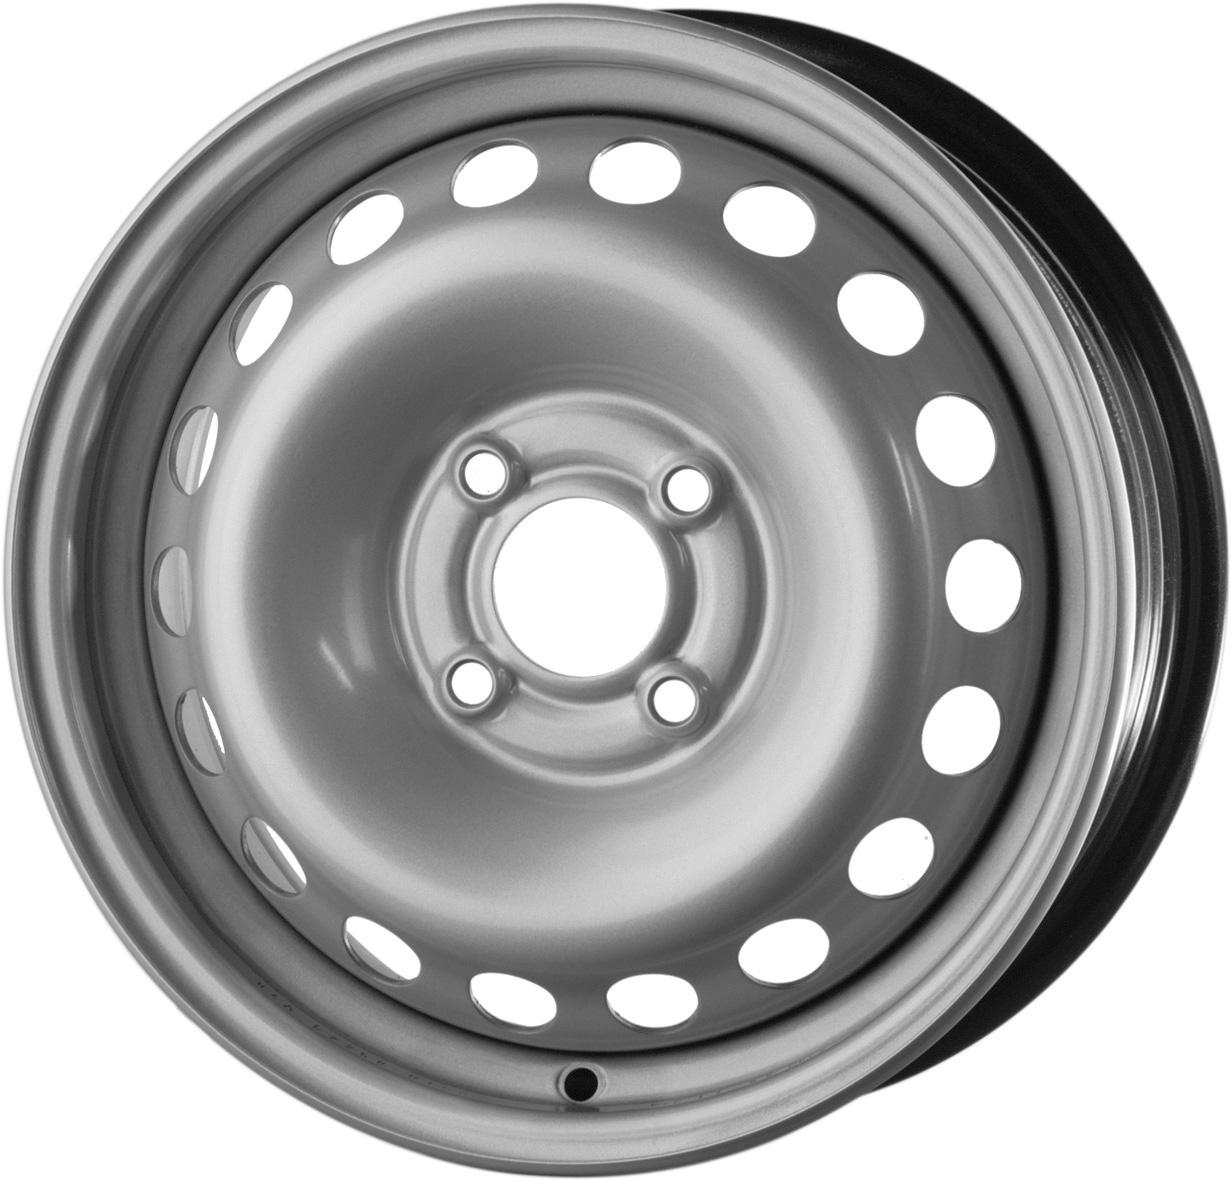 Vorschau: 14″ Stahlrad Winter für Mercedes Citan Kombi 109 CDI (X) Kumho WP51 185/70 R14 88T